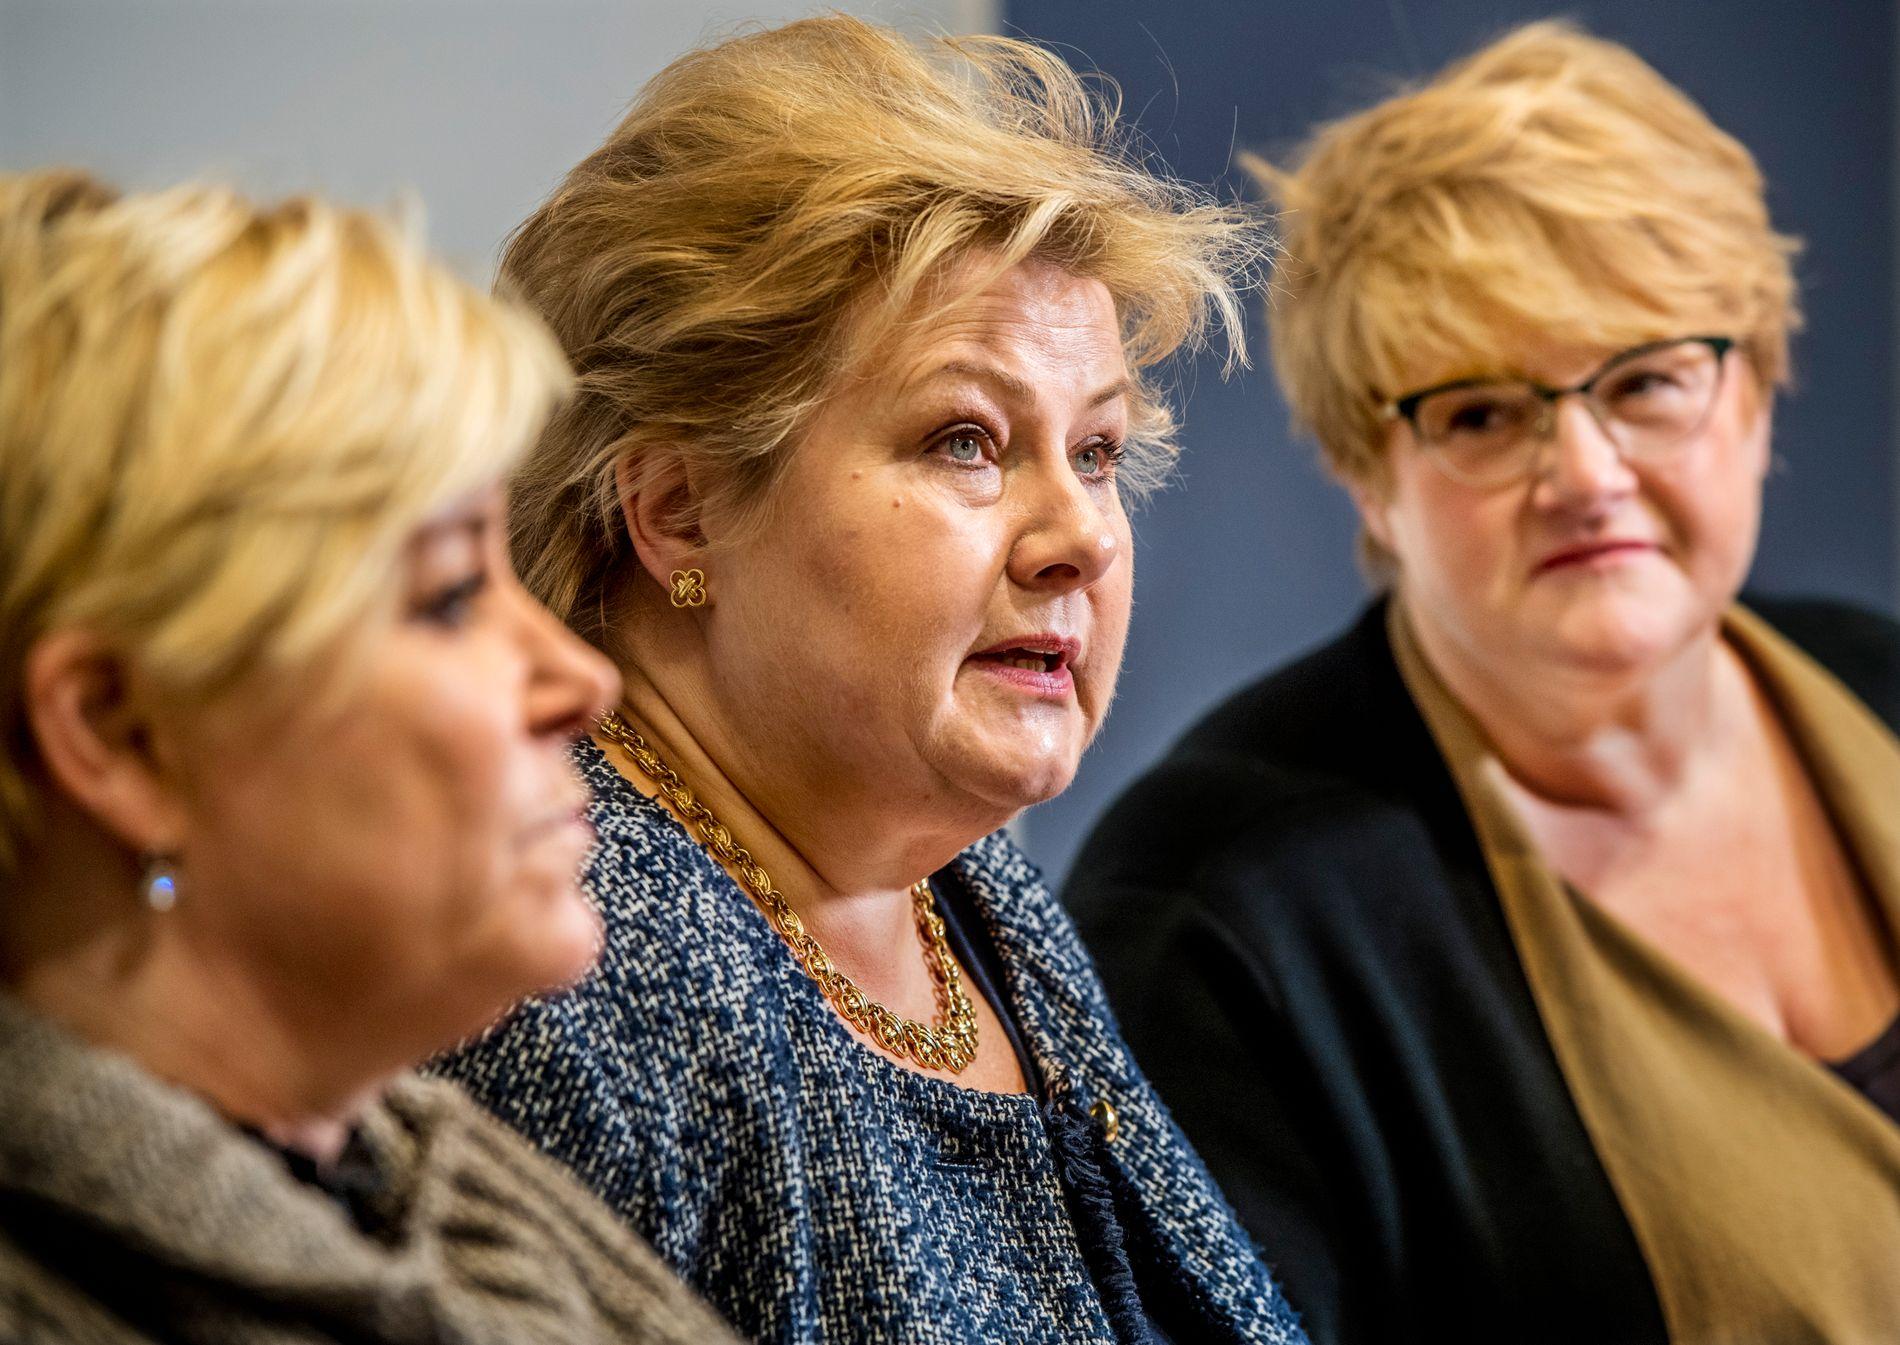 FORHANDLER: Partilederne Erna Solberg, Siv Jensen og Trine Skei Grande forhandler om ny regjering.  Snart kan regjeringsspørsmålet være avklart.